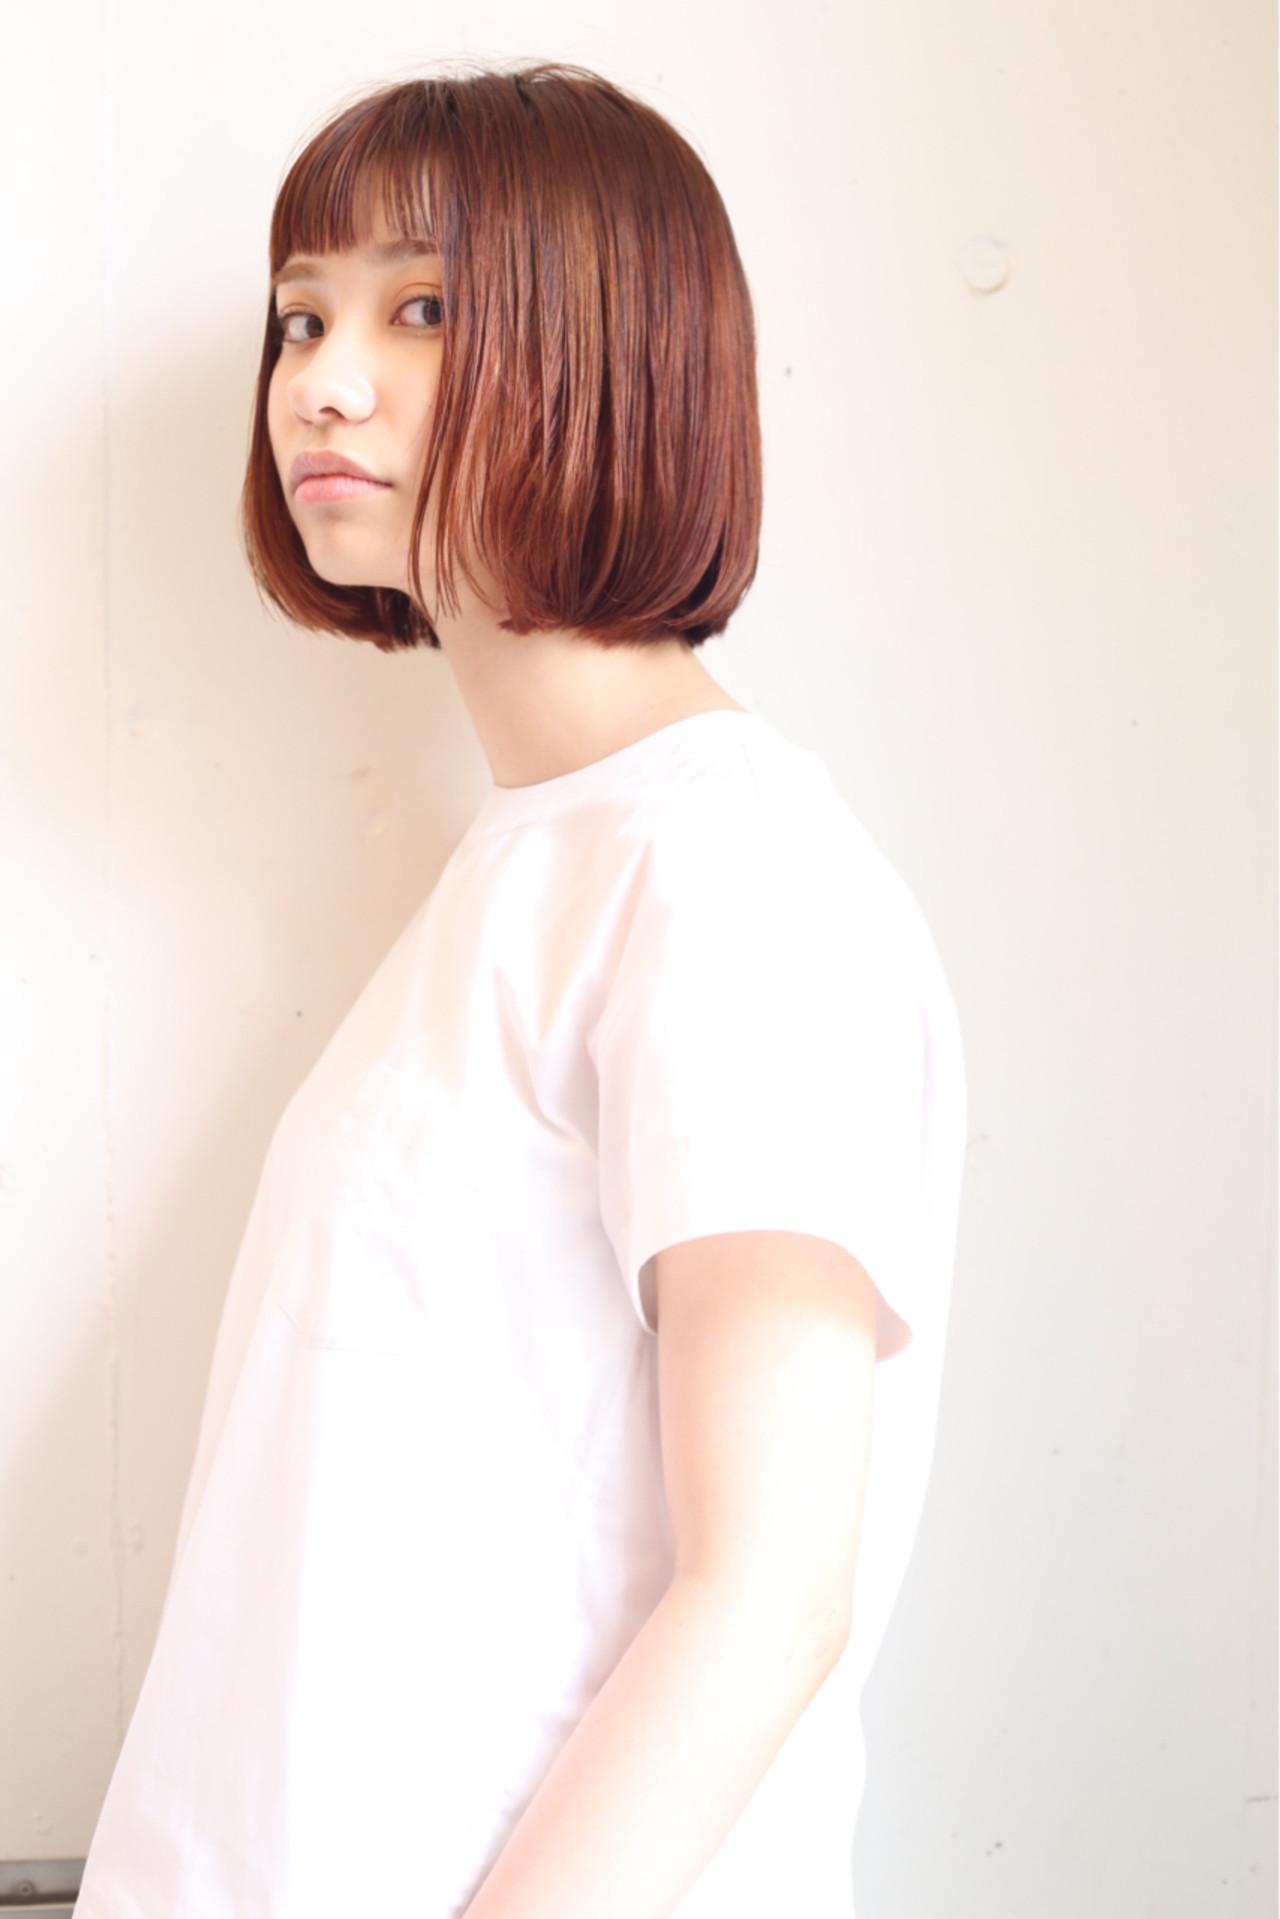 オレンジベージュ レッド ボブ 大人女子 ヘアスタイルや髪型の写真・画像